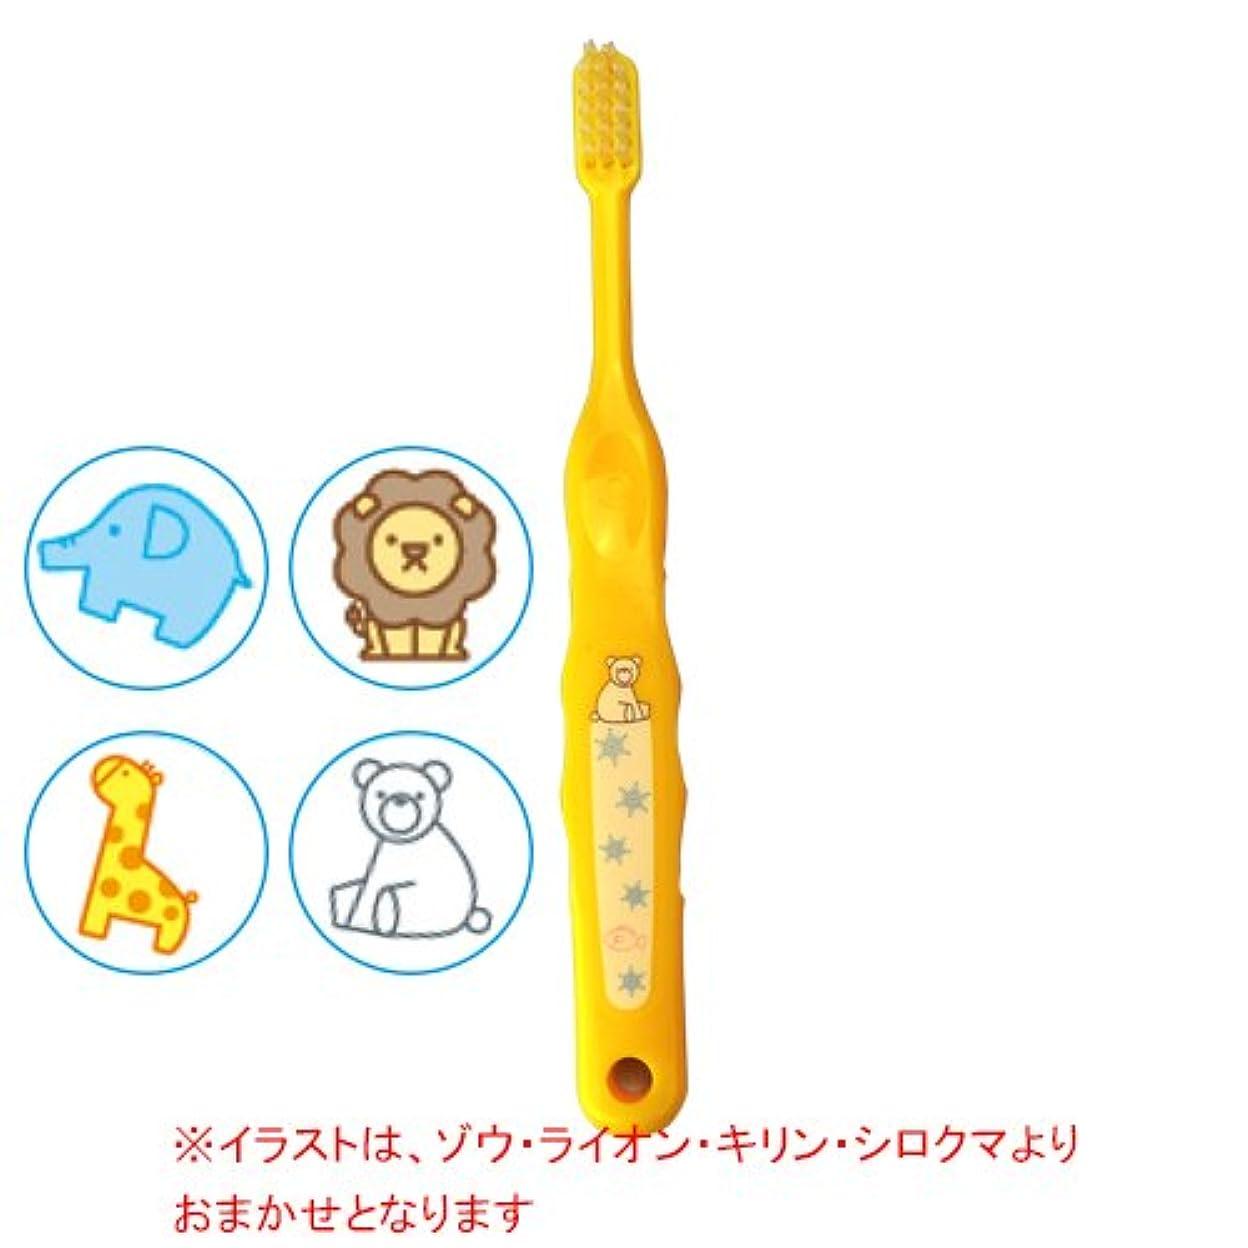 第五天代数的Ciメディカル Ci なまえ歯ブラシ 503 (やわらかめ) (乳児から小学生向)1本 (イエロー)